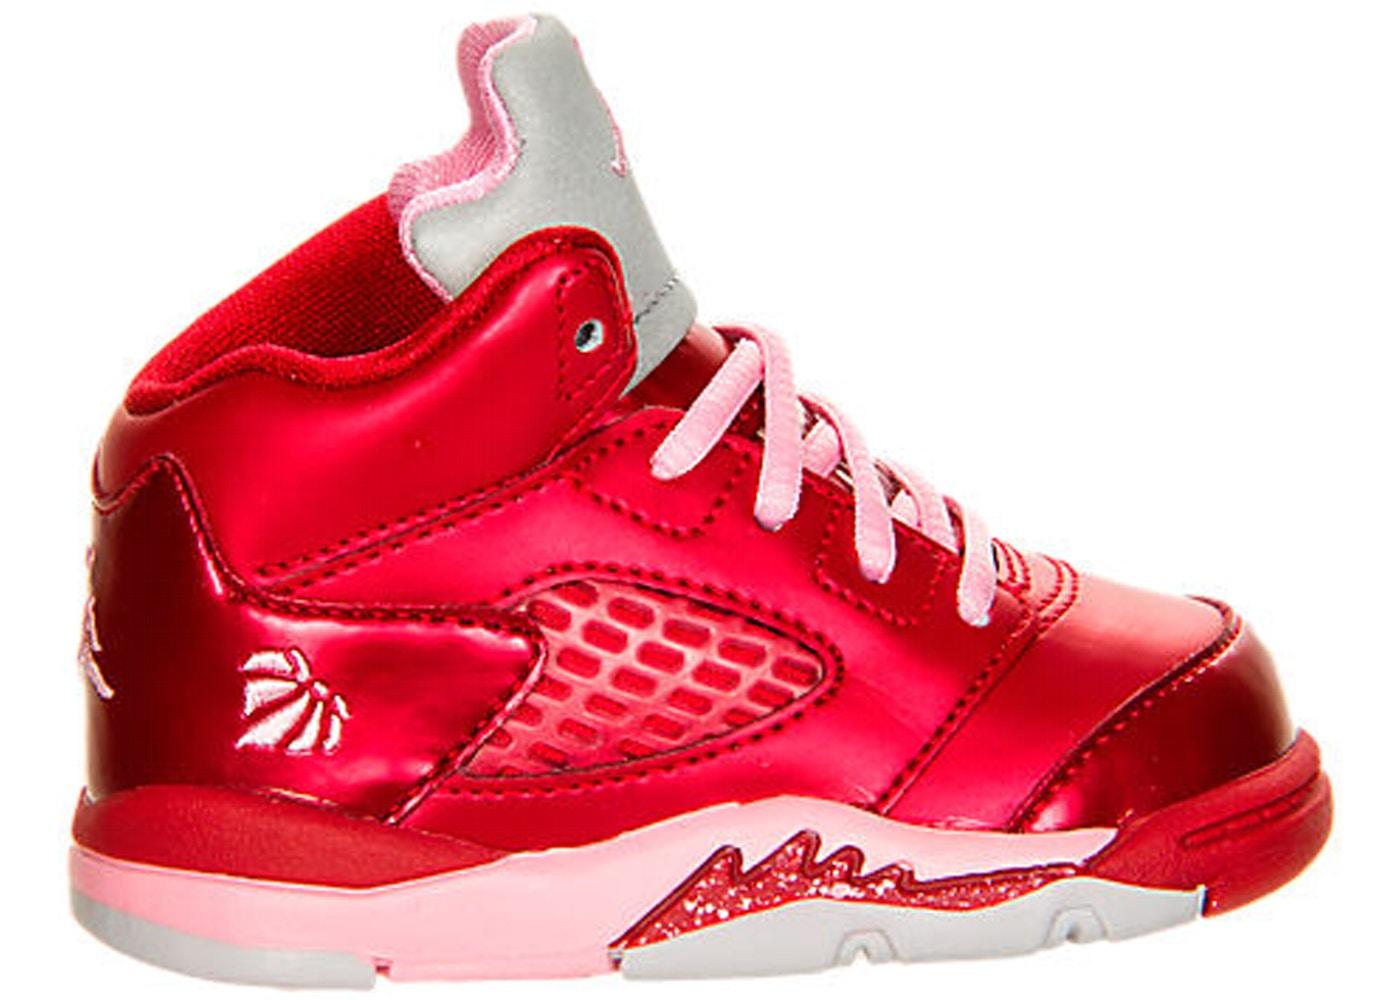 595988627d6fb5 Buy Air Jordan 5 Shoes   Deadstock Sneakers